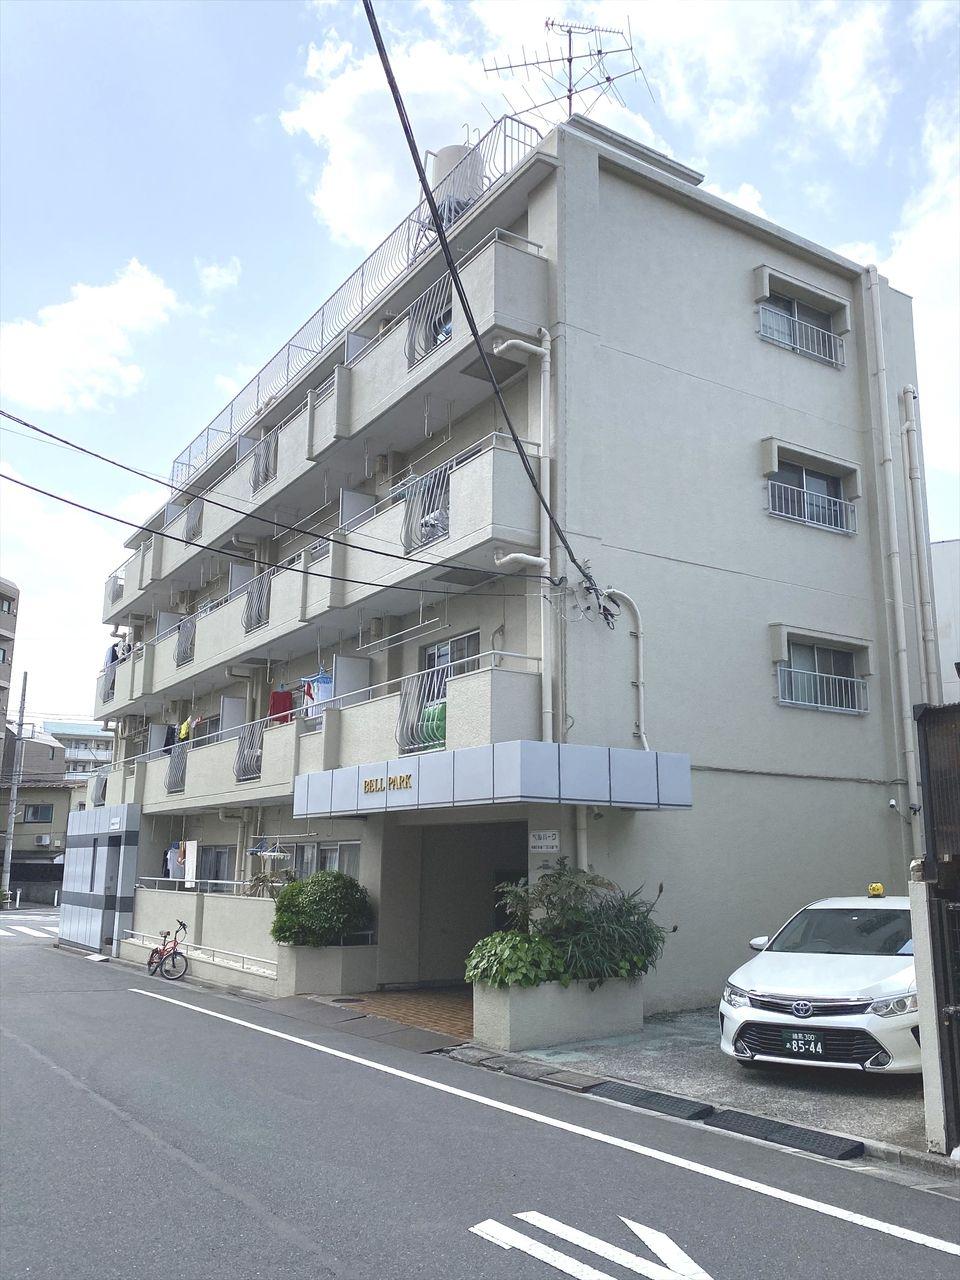 下板橋駅徒歩2分で通勤通学に便利な賃貸マンション ベルパークです。